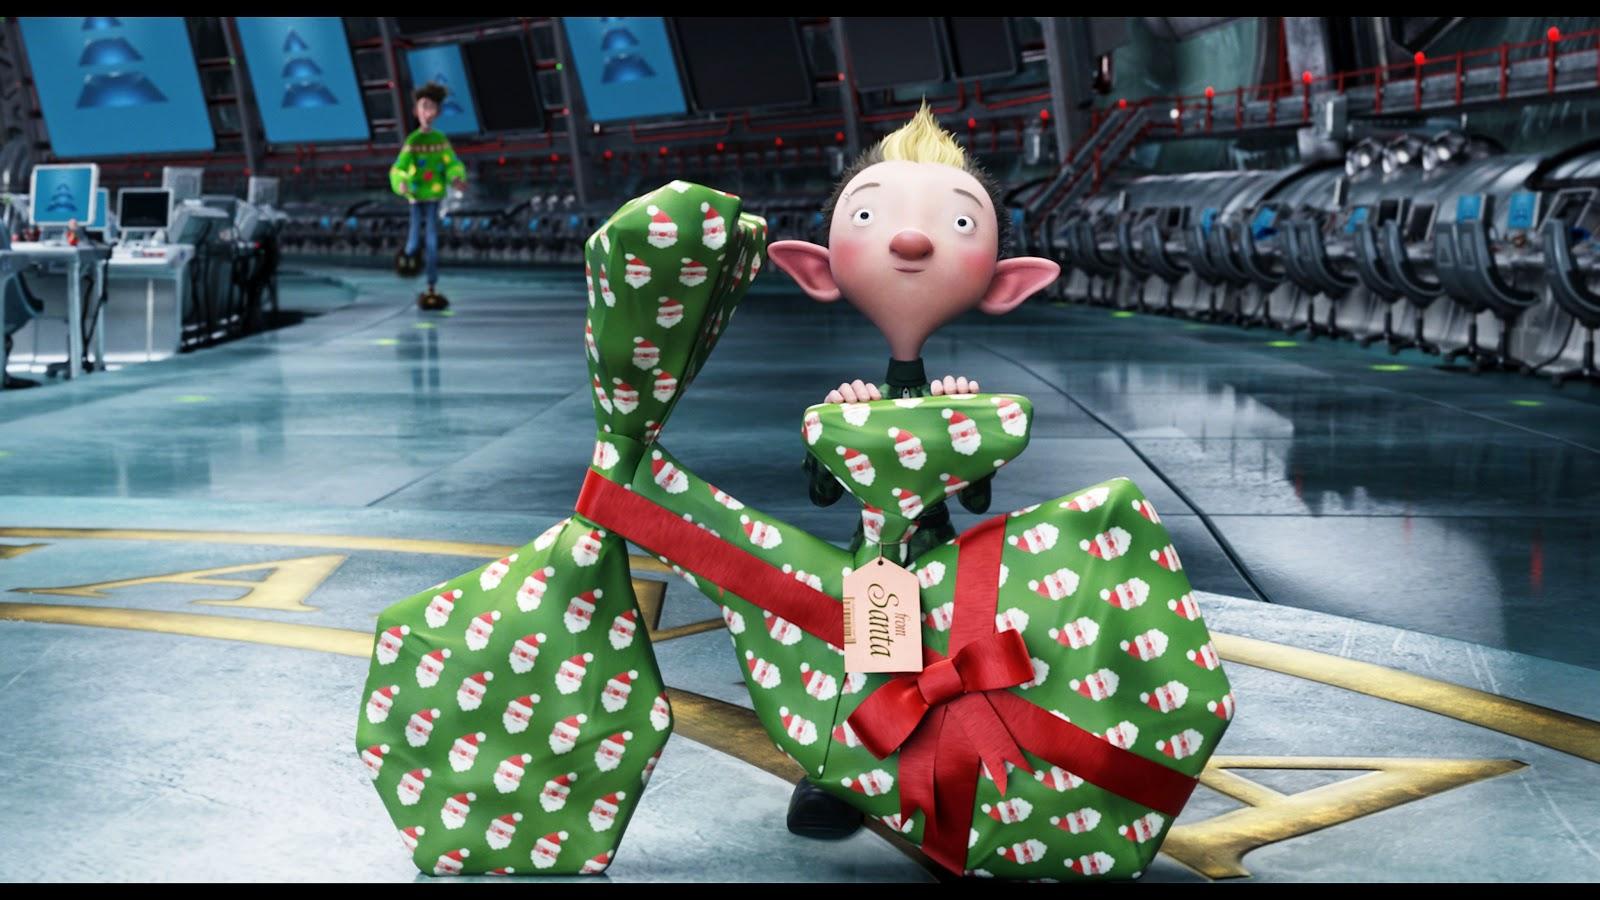 http://1.bp.blogspot.com/-xtwBpuWDoc0/UKSu3UQlTlI/AAAAAAAABVE/UA0FbRQCTPc/s1600/Arthur+Christmas+7.jpg